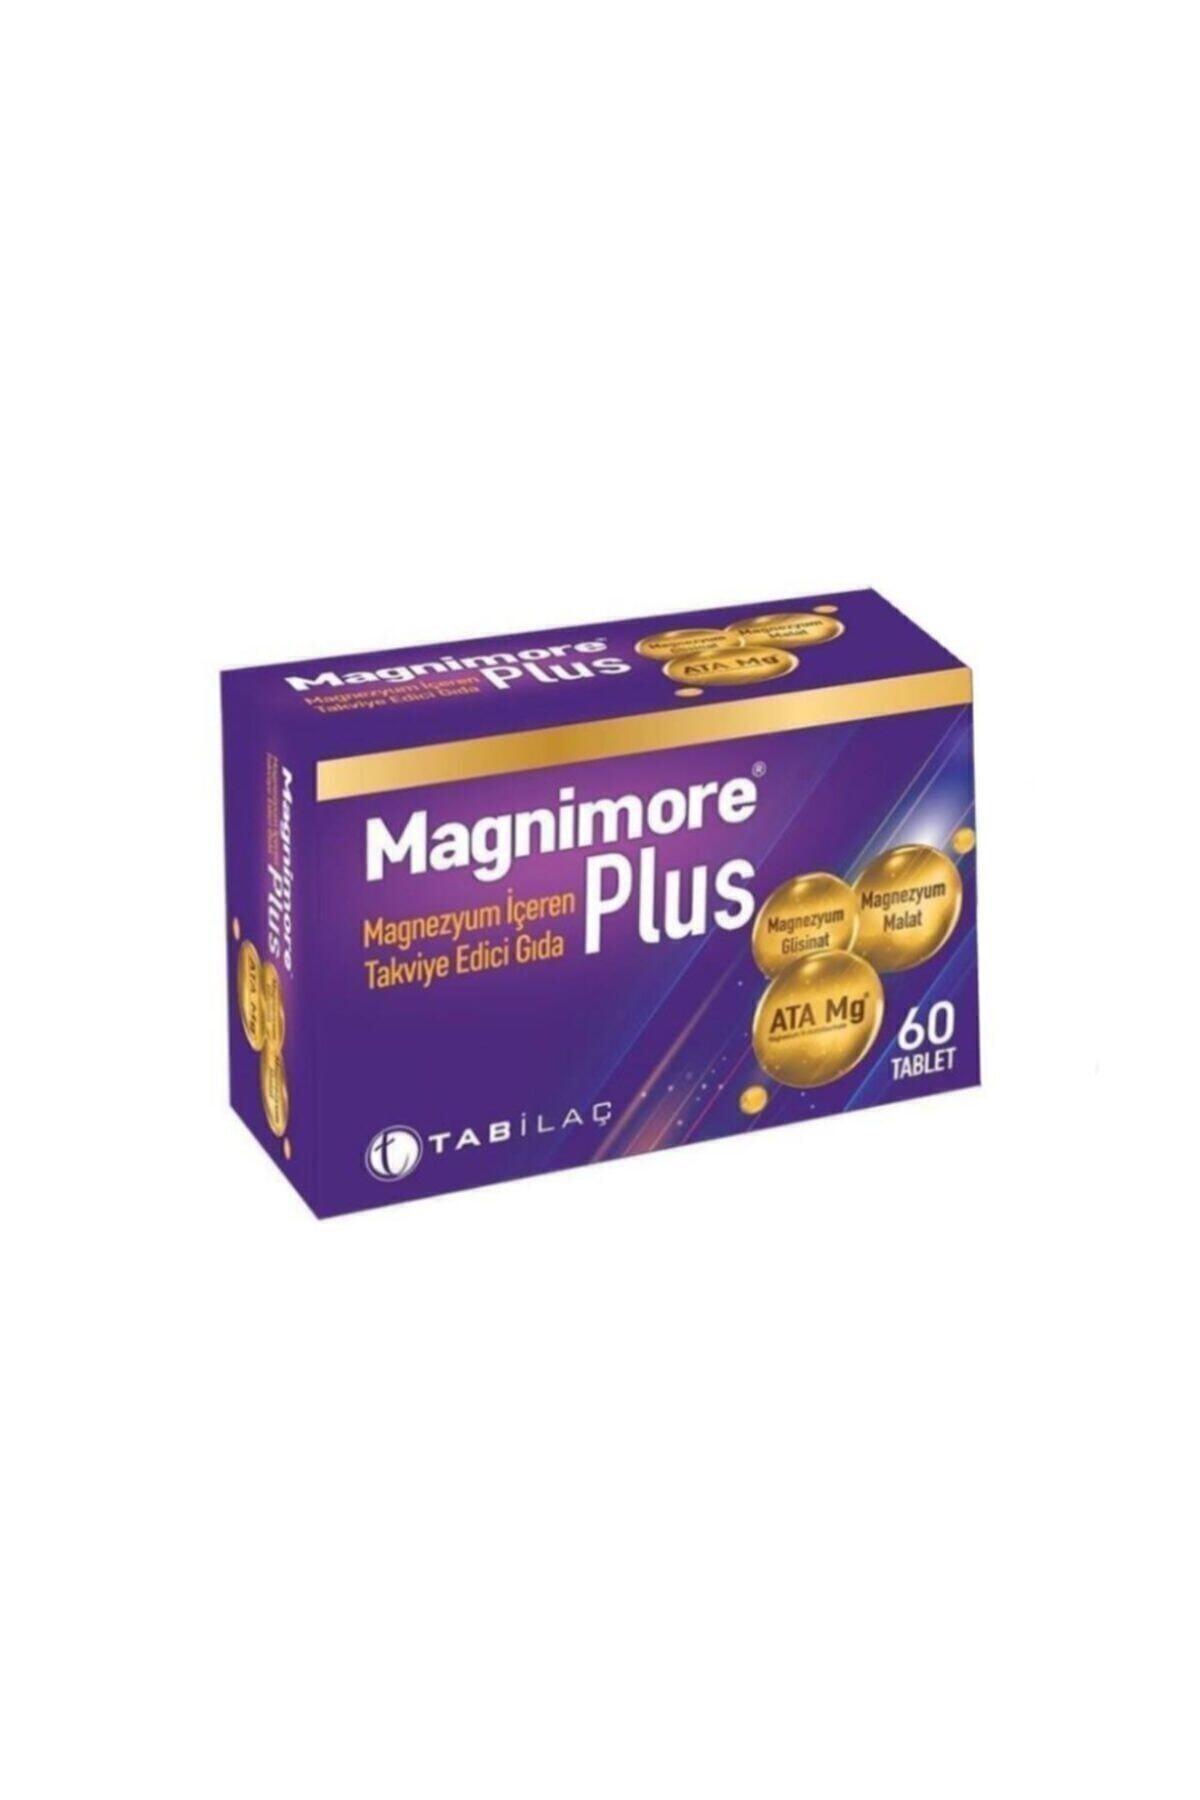 Tab Magnimore Plus 60 Magnezyum Içeren Takviye Edici Gıda 1